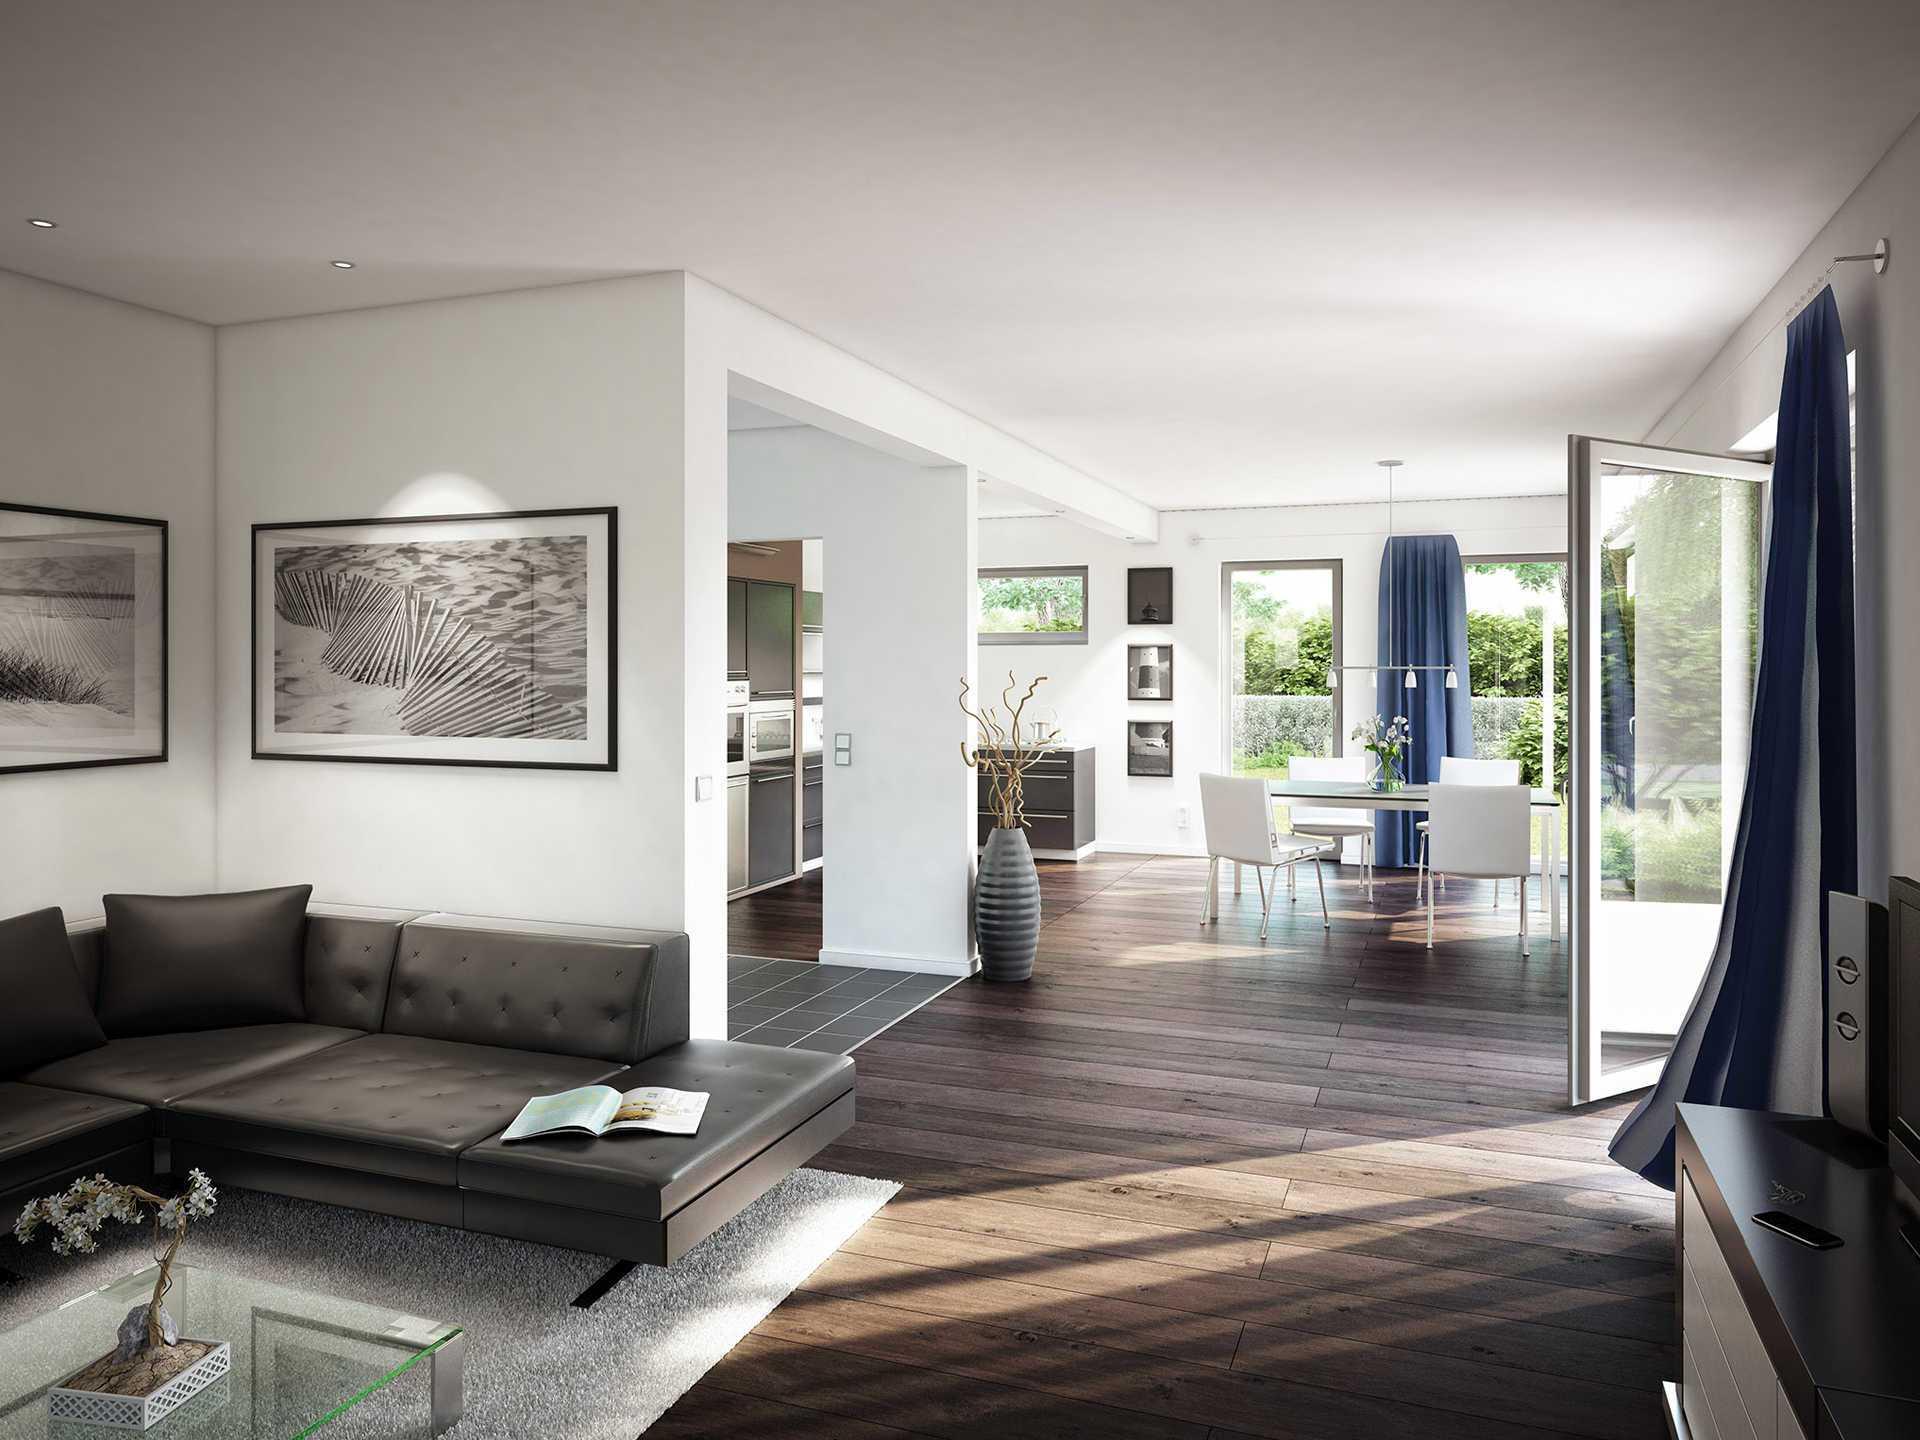 Einfamilienhaus evolution 165 v3 bien zenker for Einfamilienhaus innenansicht